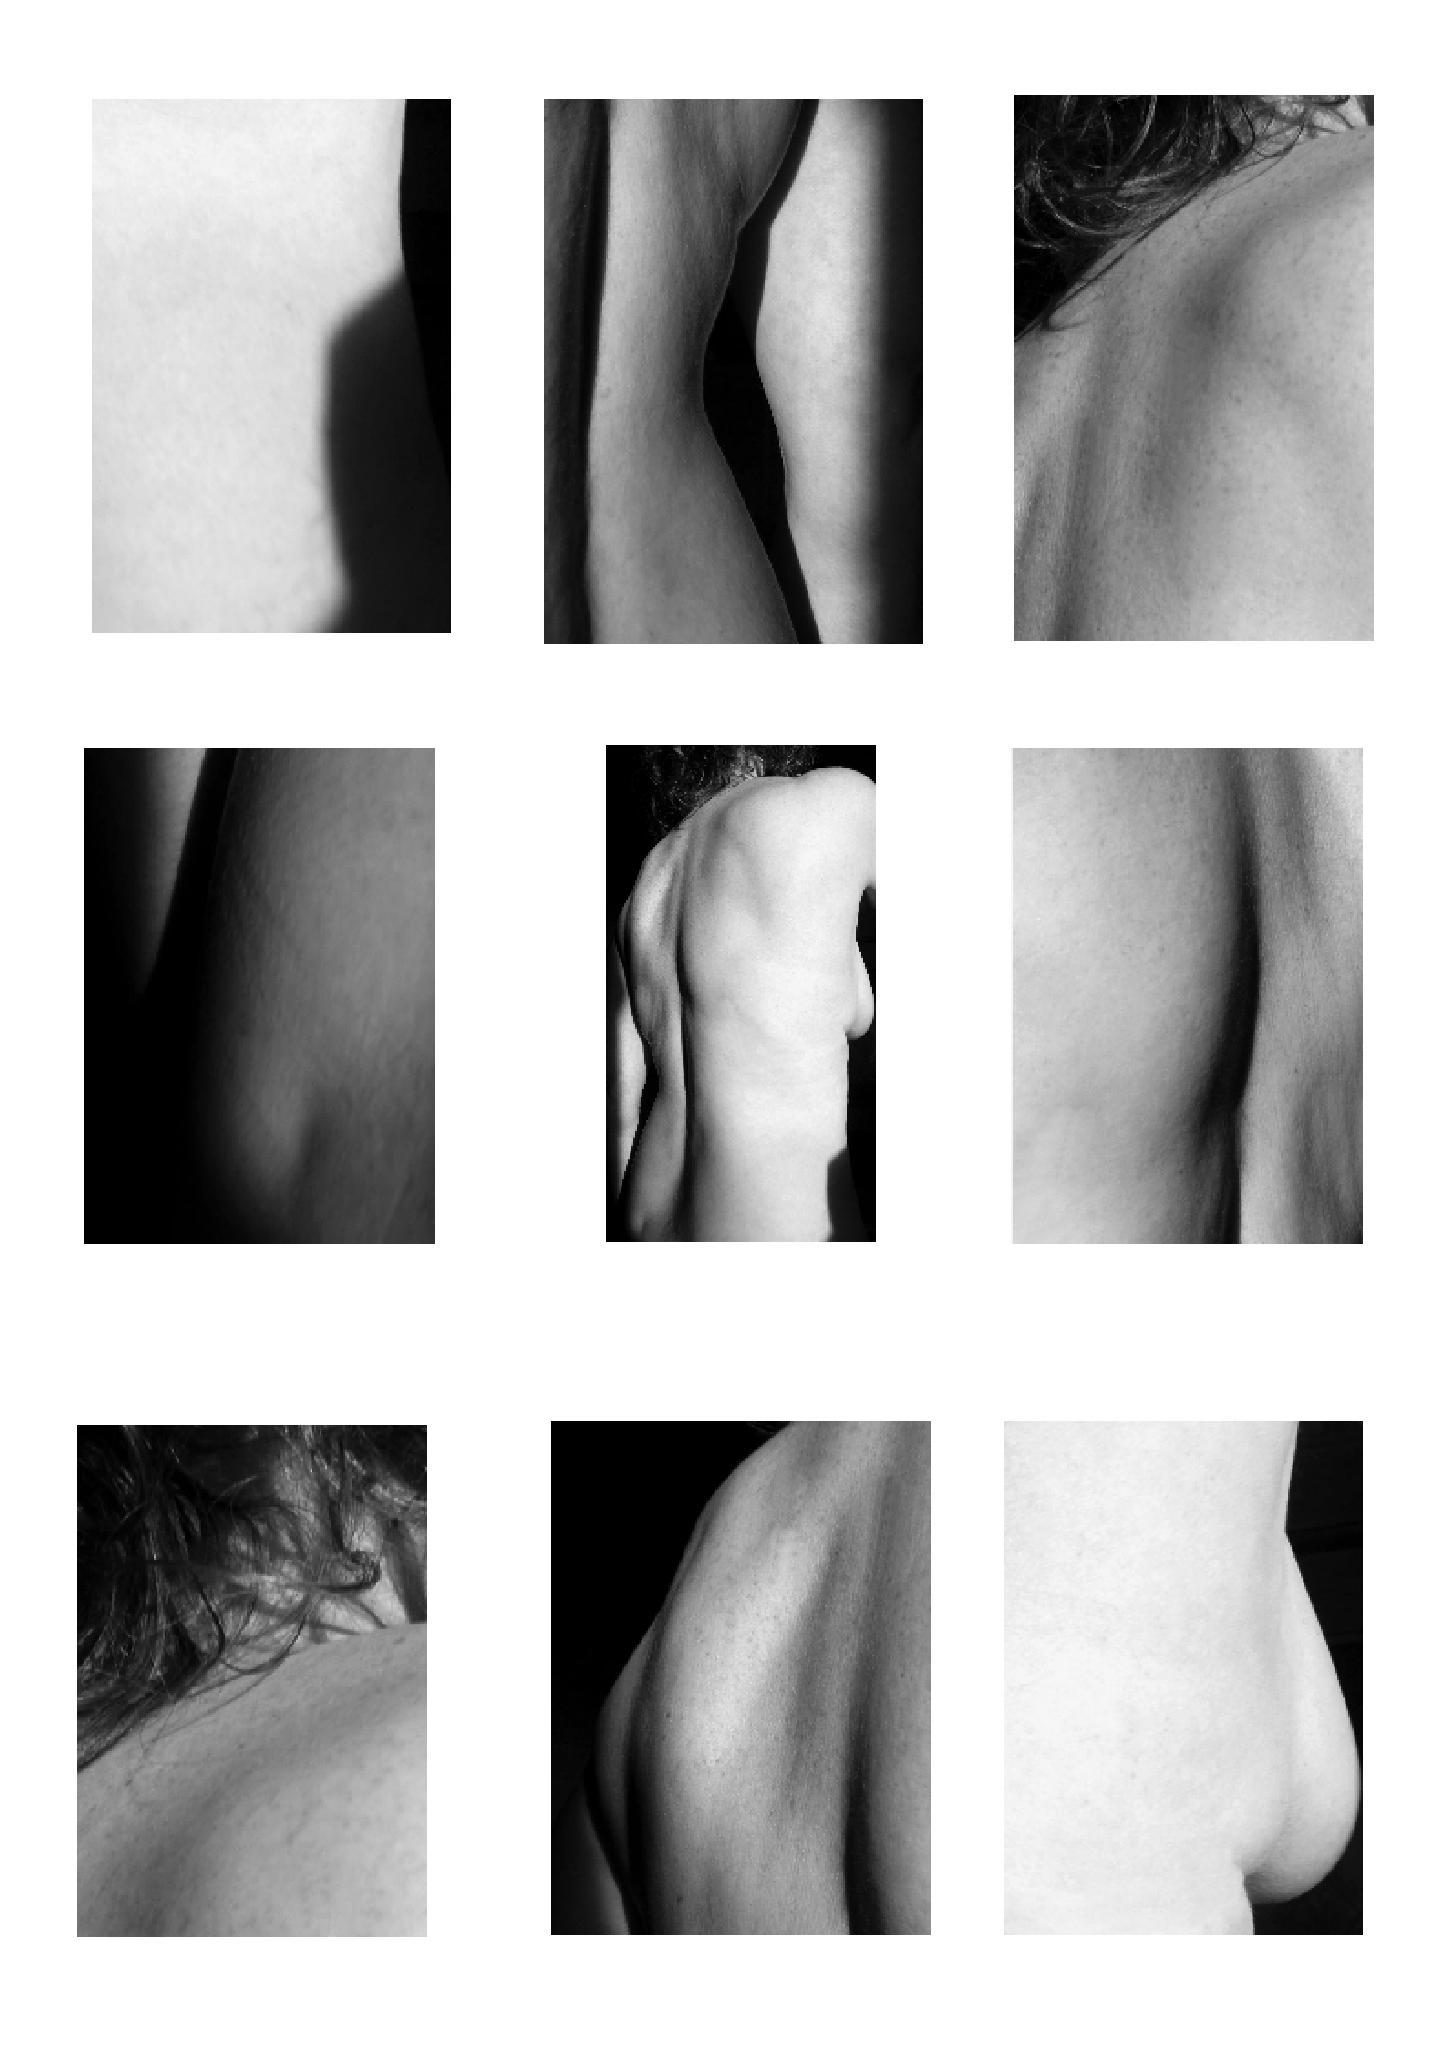 Nine Shades of Grey by pwol